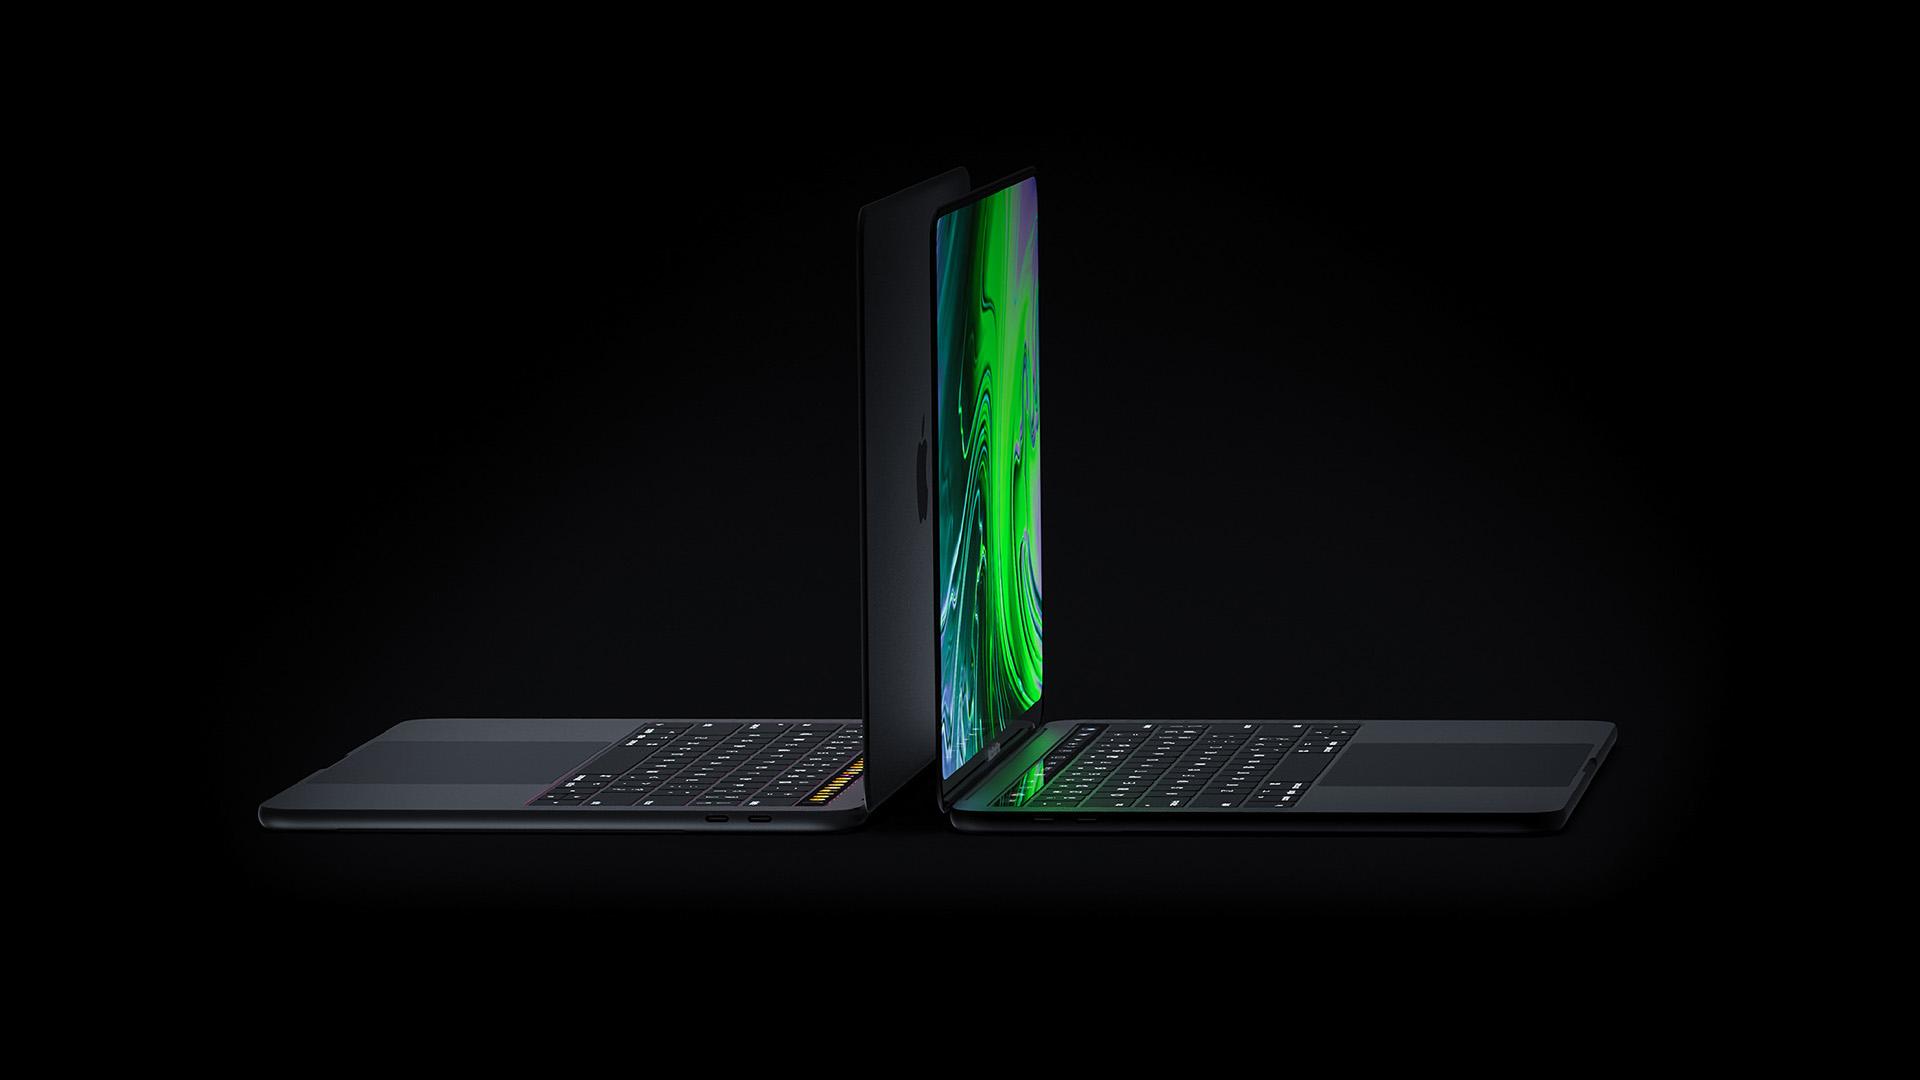 Apple покажет новый MacBook с 16-дюймовым дисплеем в сентябре